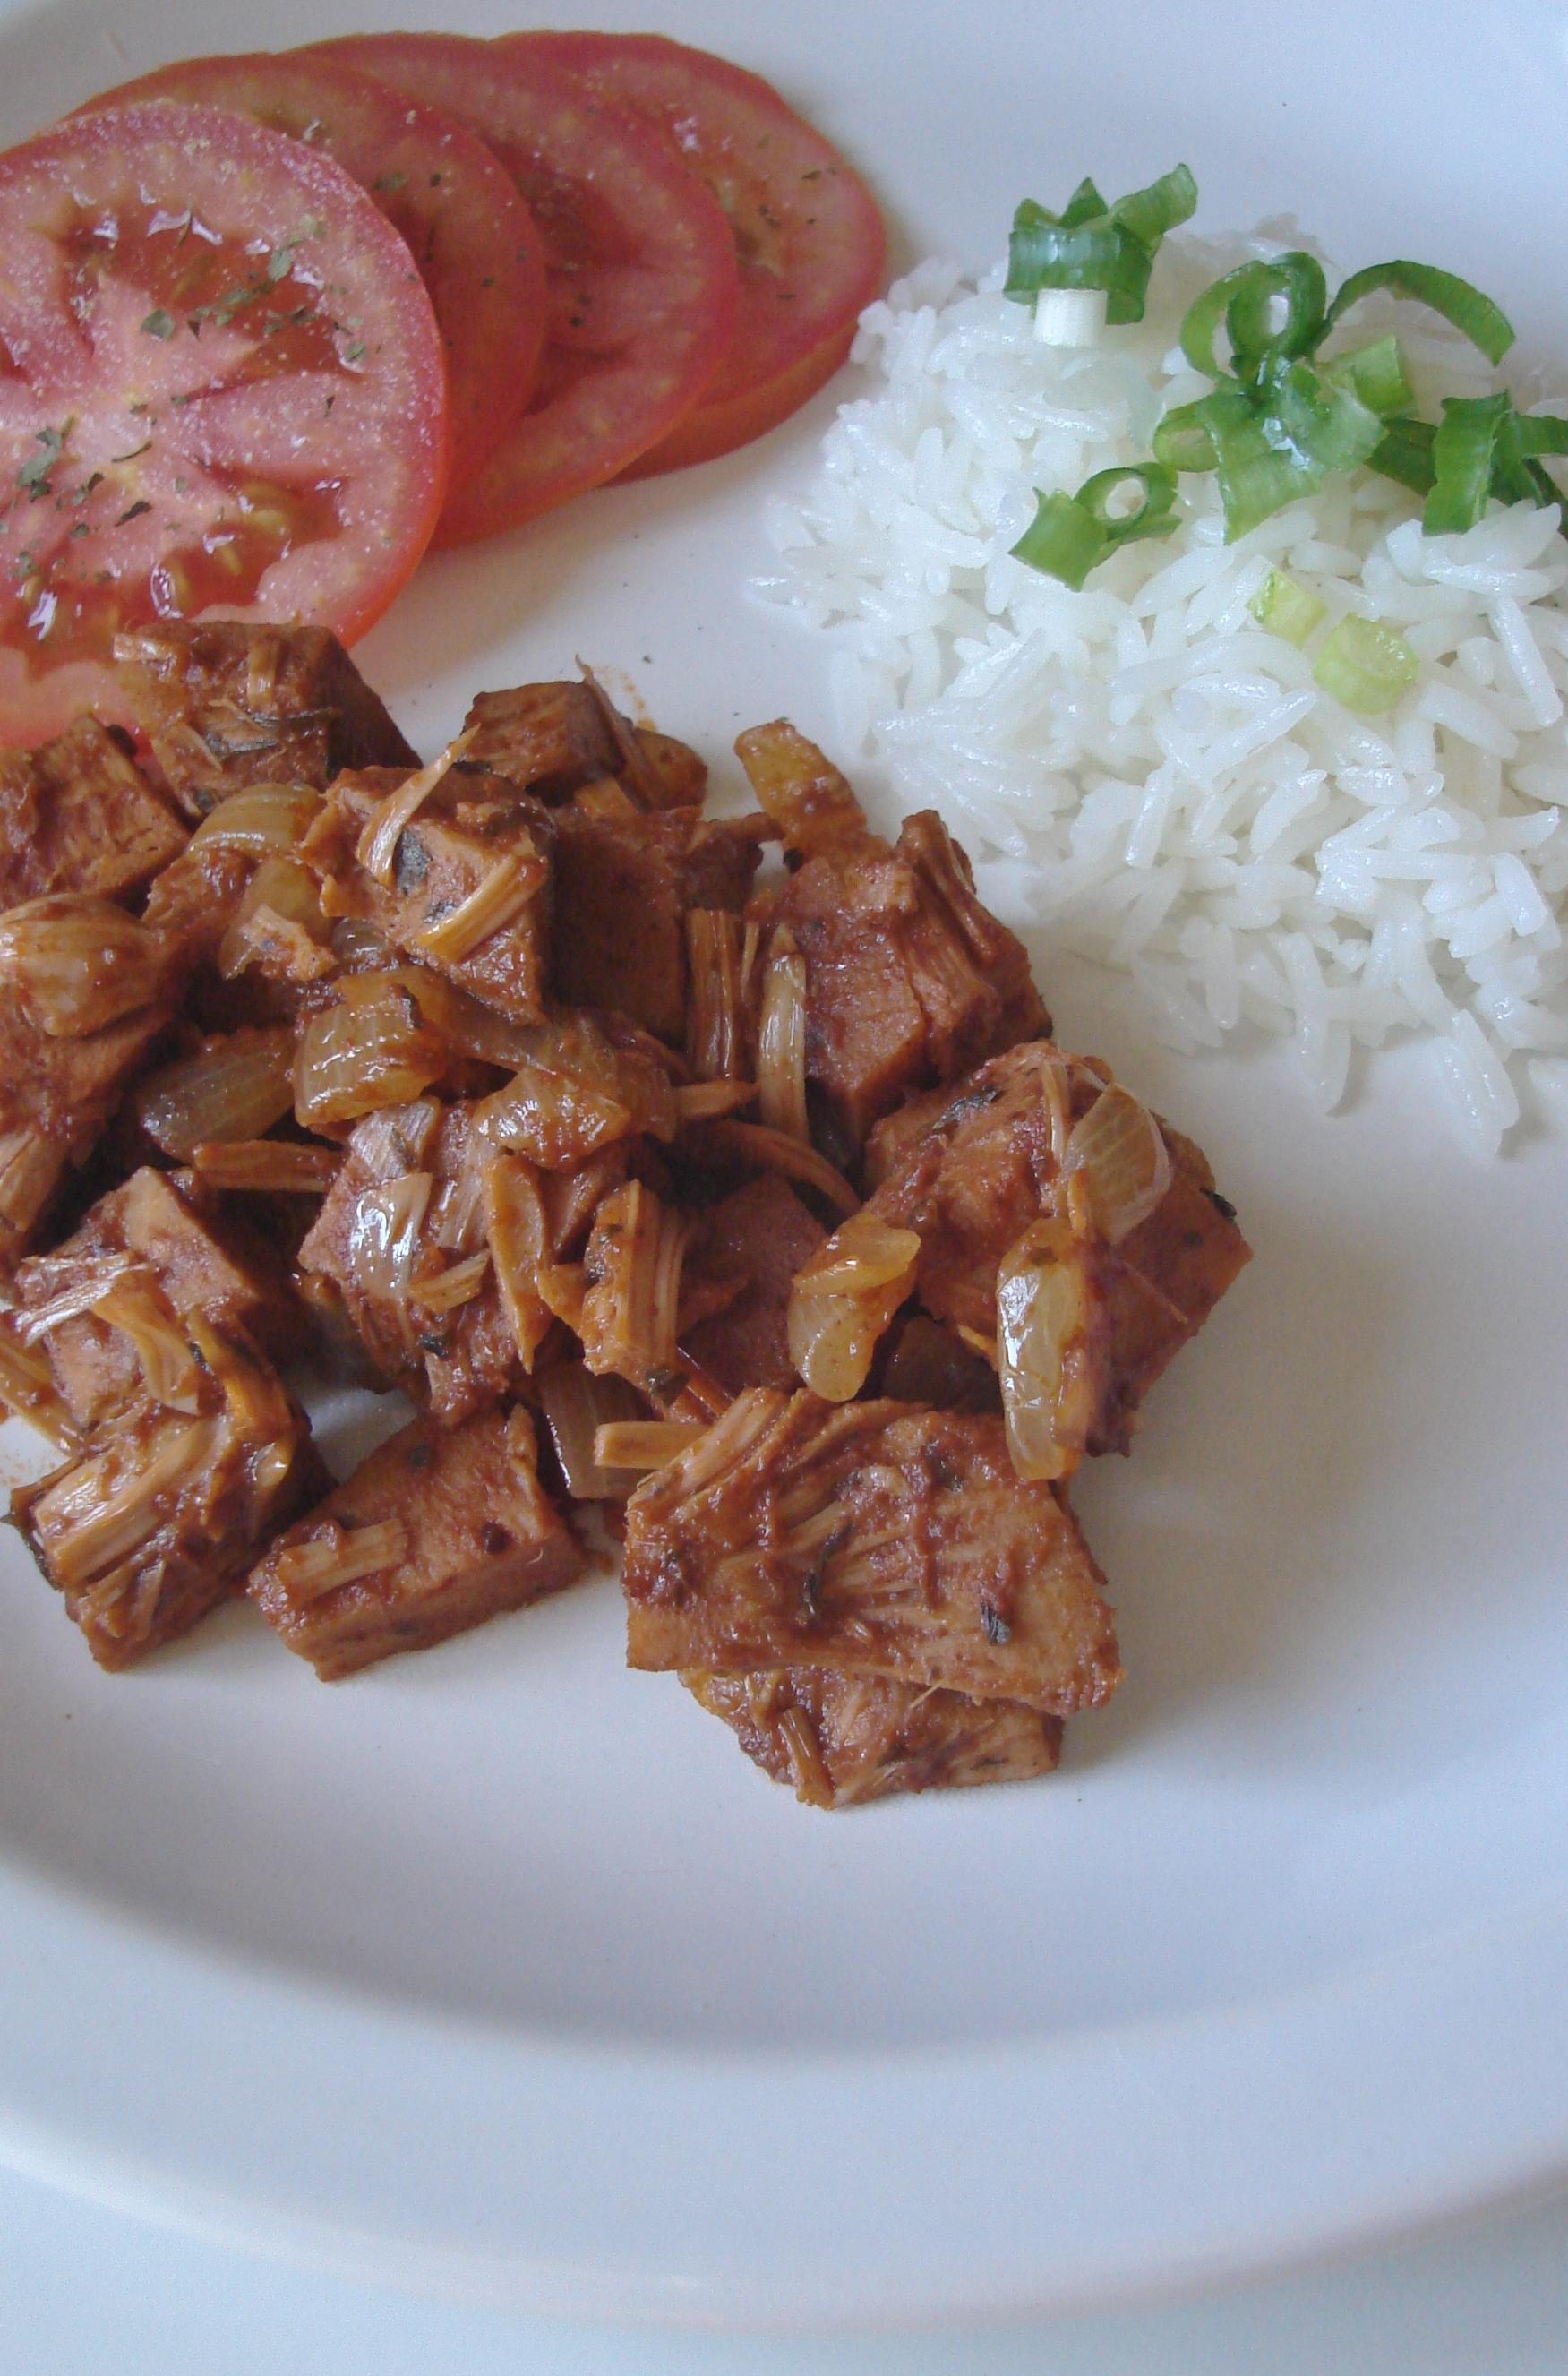 Carne de jaca ao molho barbecue